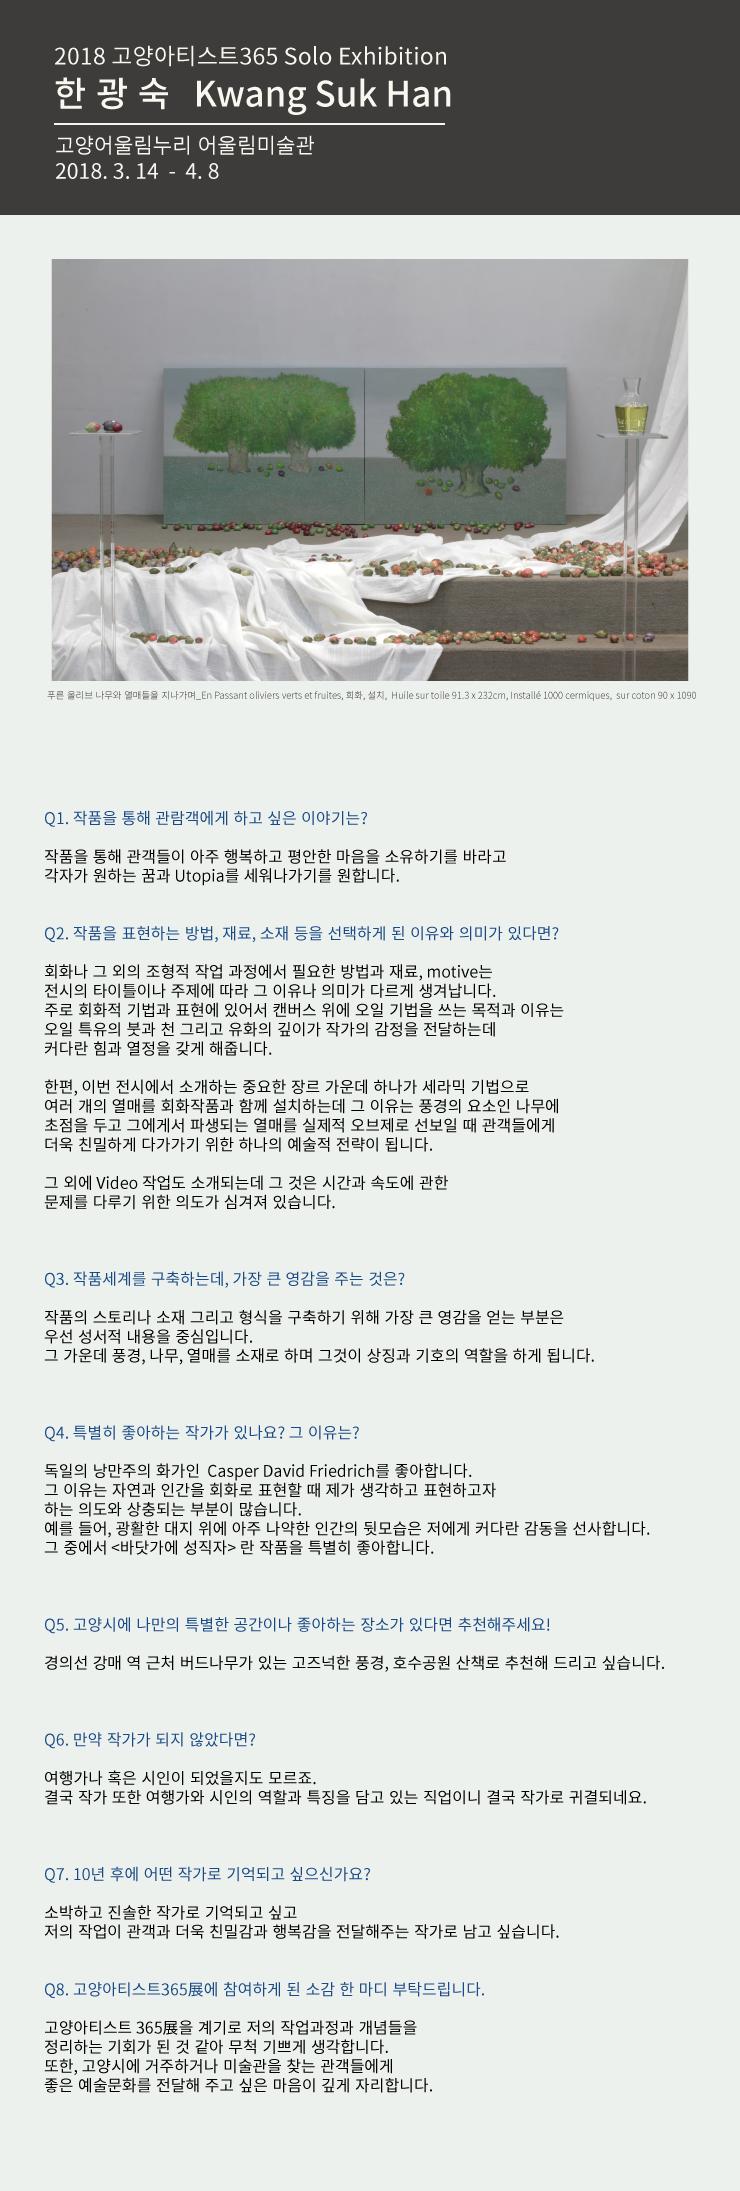 [2018 고양아티스트365 Solo展] - 한광숙작가 QNA